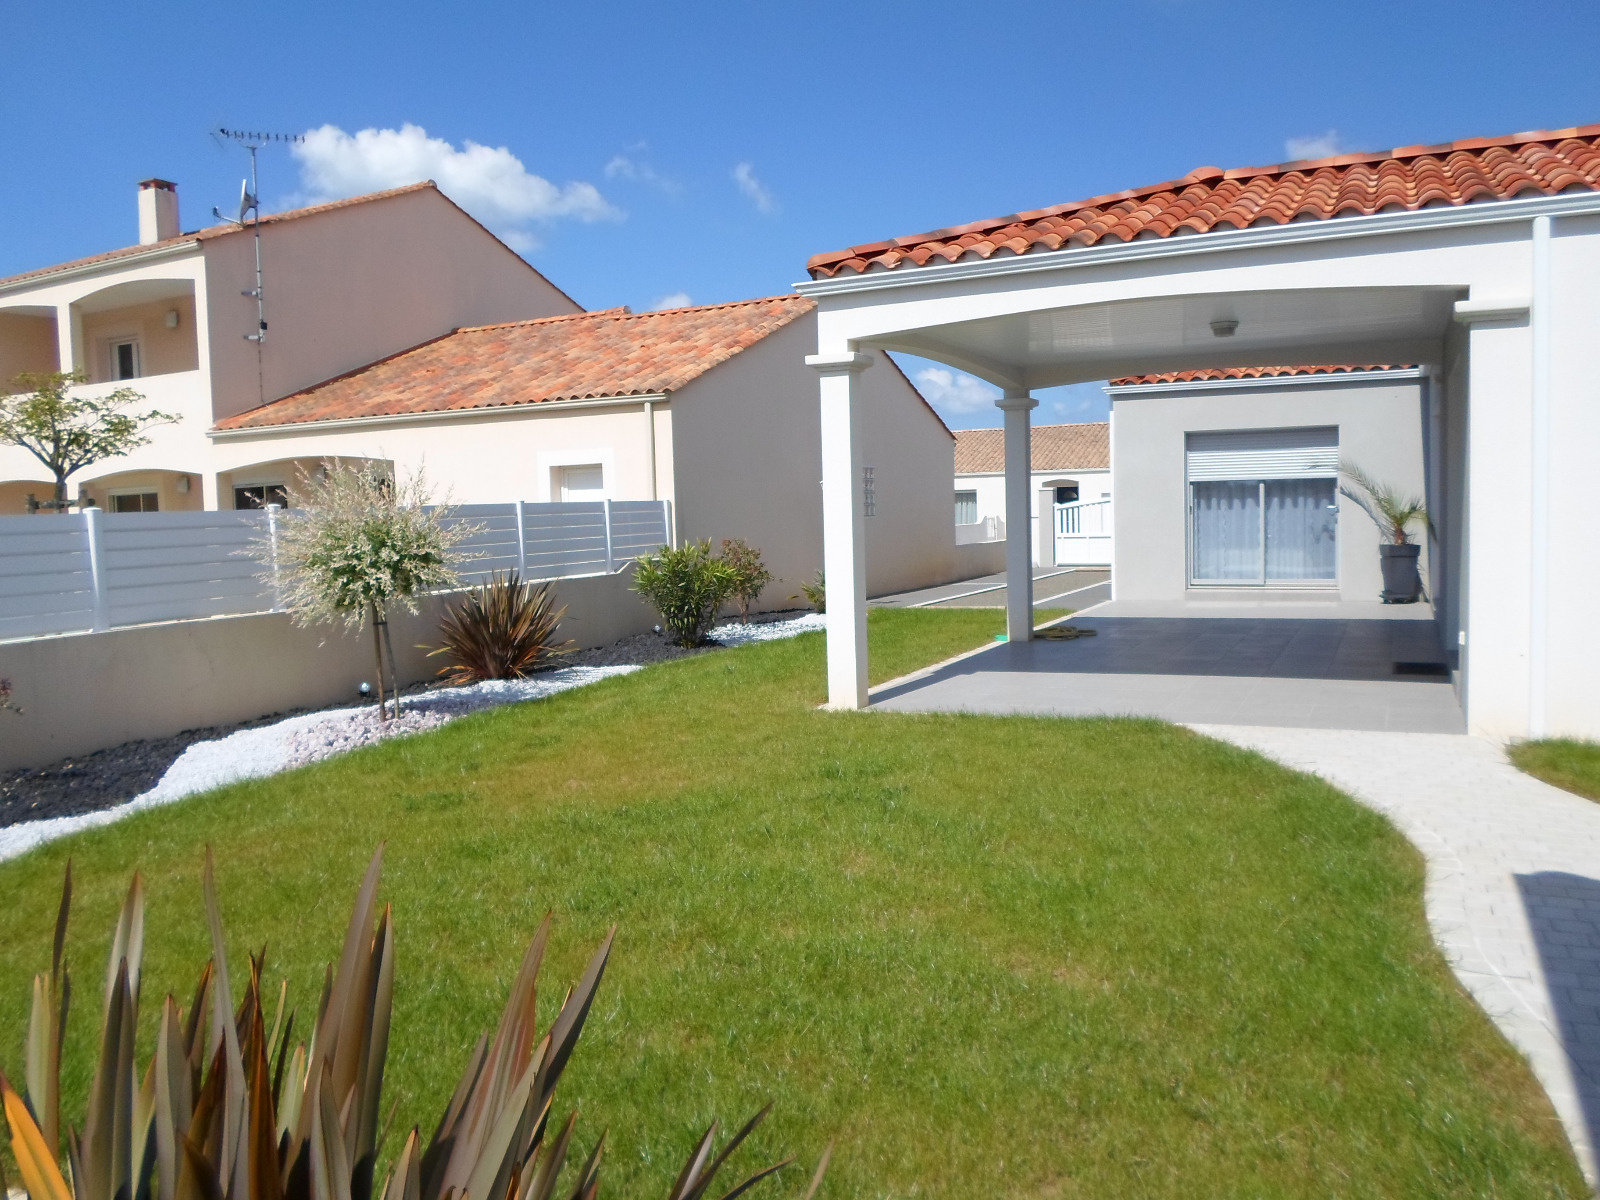 Vente maison neuve de plain pied for Prix maison neuve 5 chambres